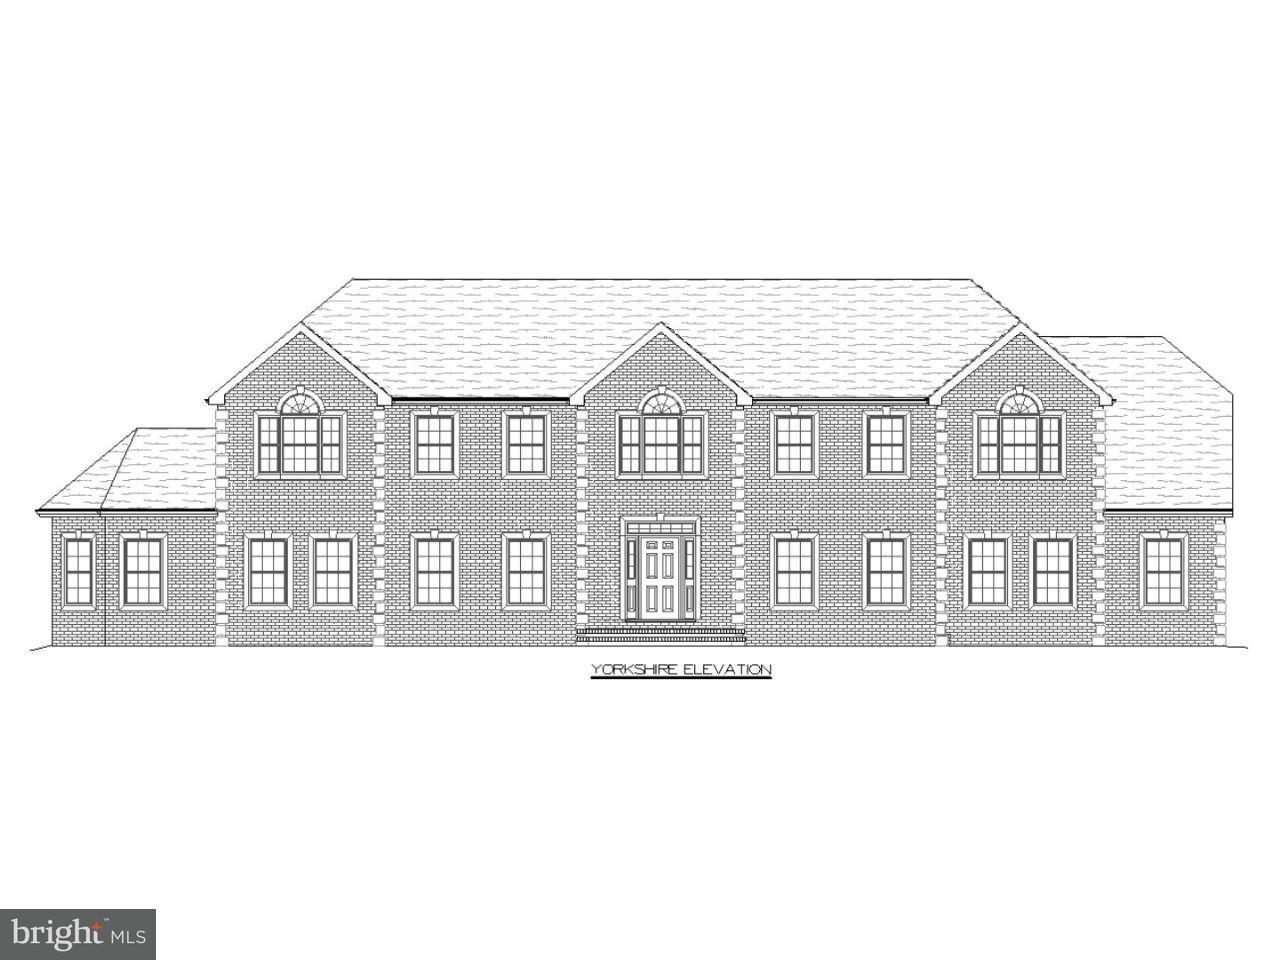 Частный односемейный дом для того Продажа на 12 SIENNA Court Robbinsville, Нью-Джерси 08691 Соединенные ШтатыВ/Около: Robbinsville Township